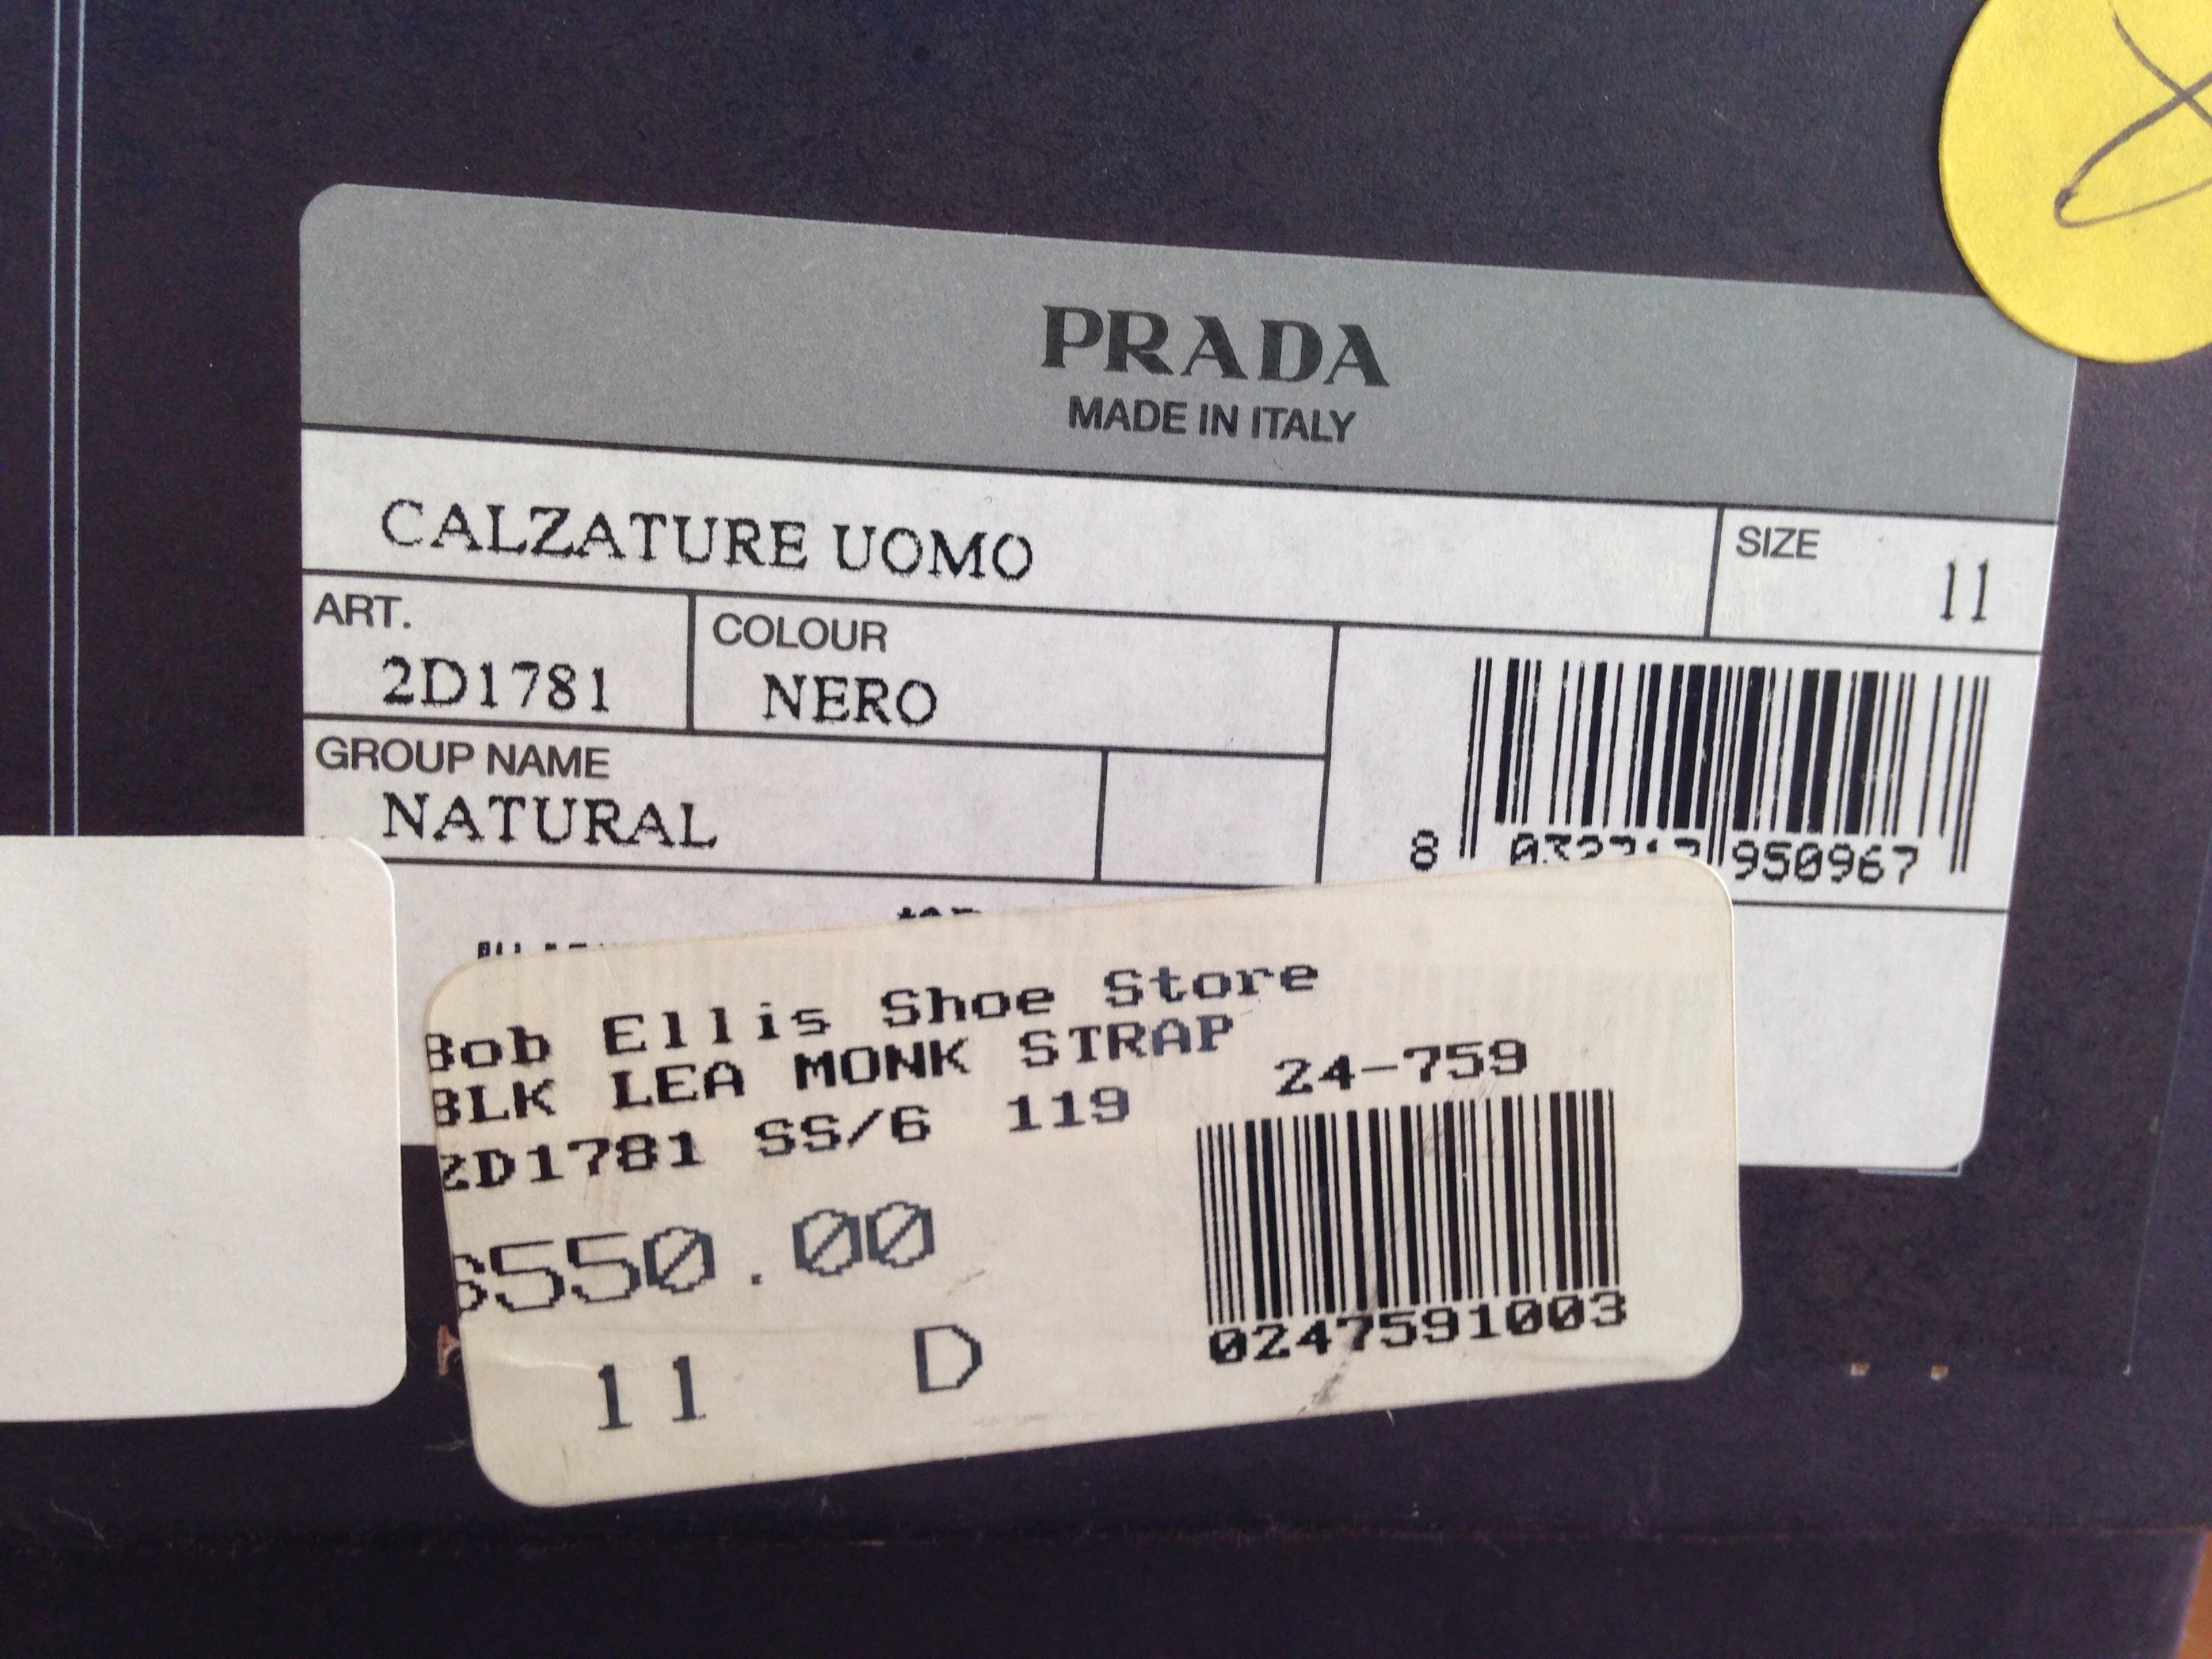 Prada shoe size help styleforum nvjuhfo Images